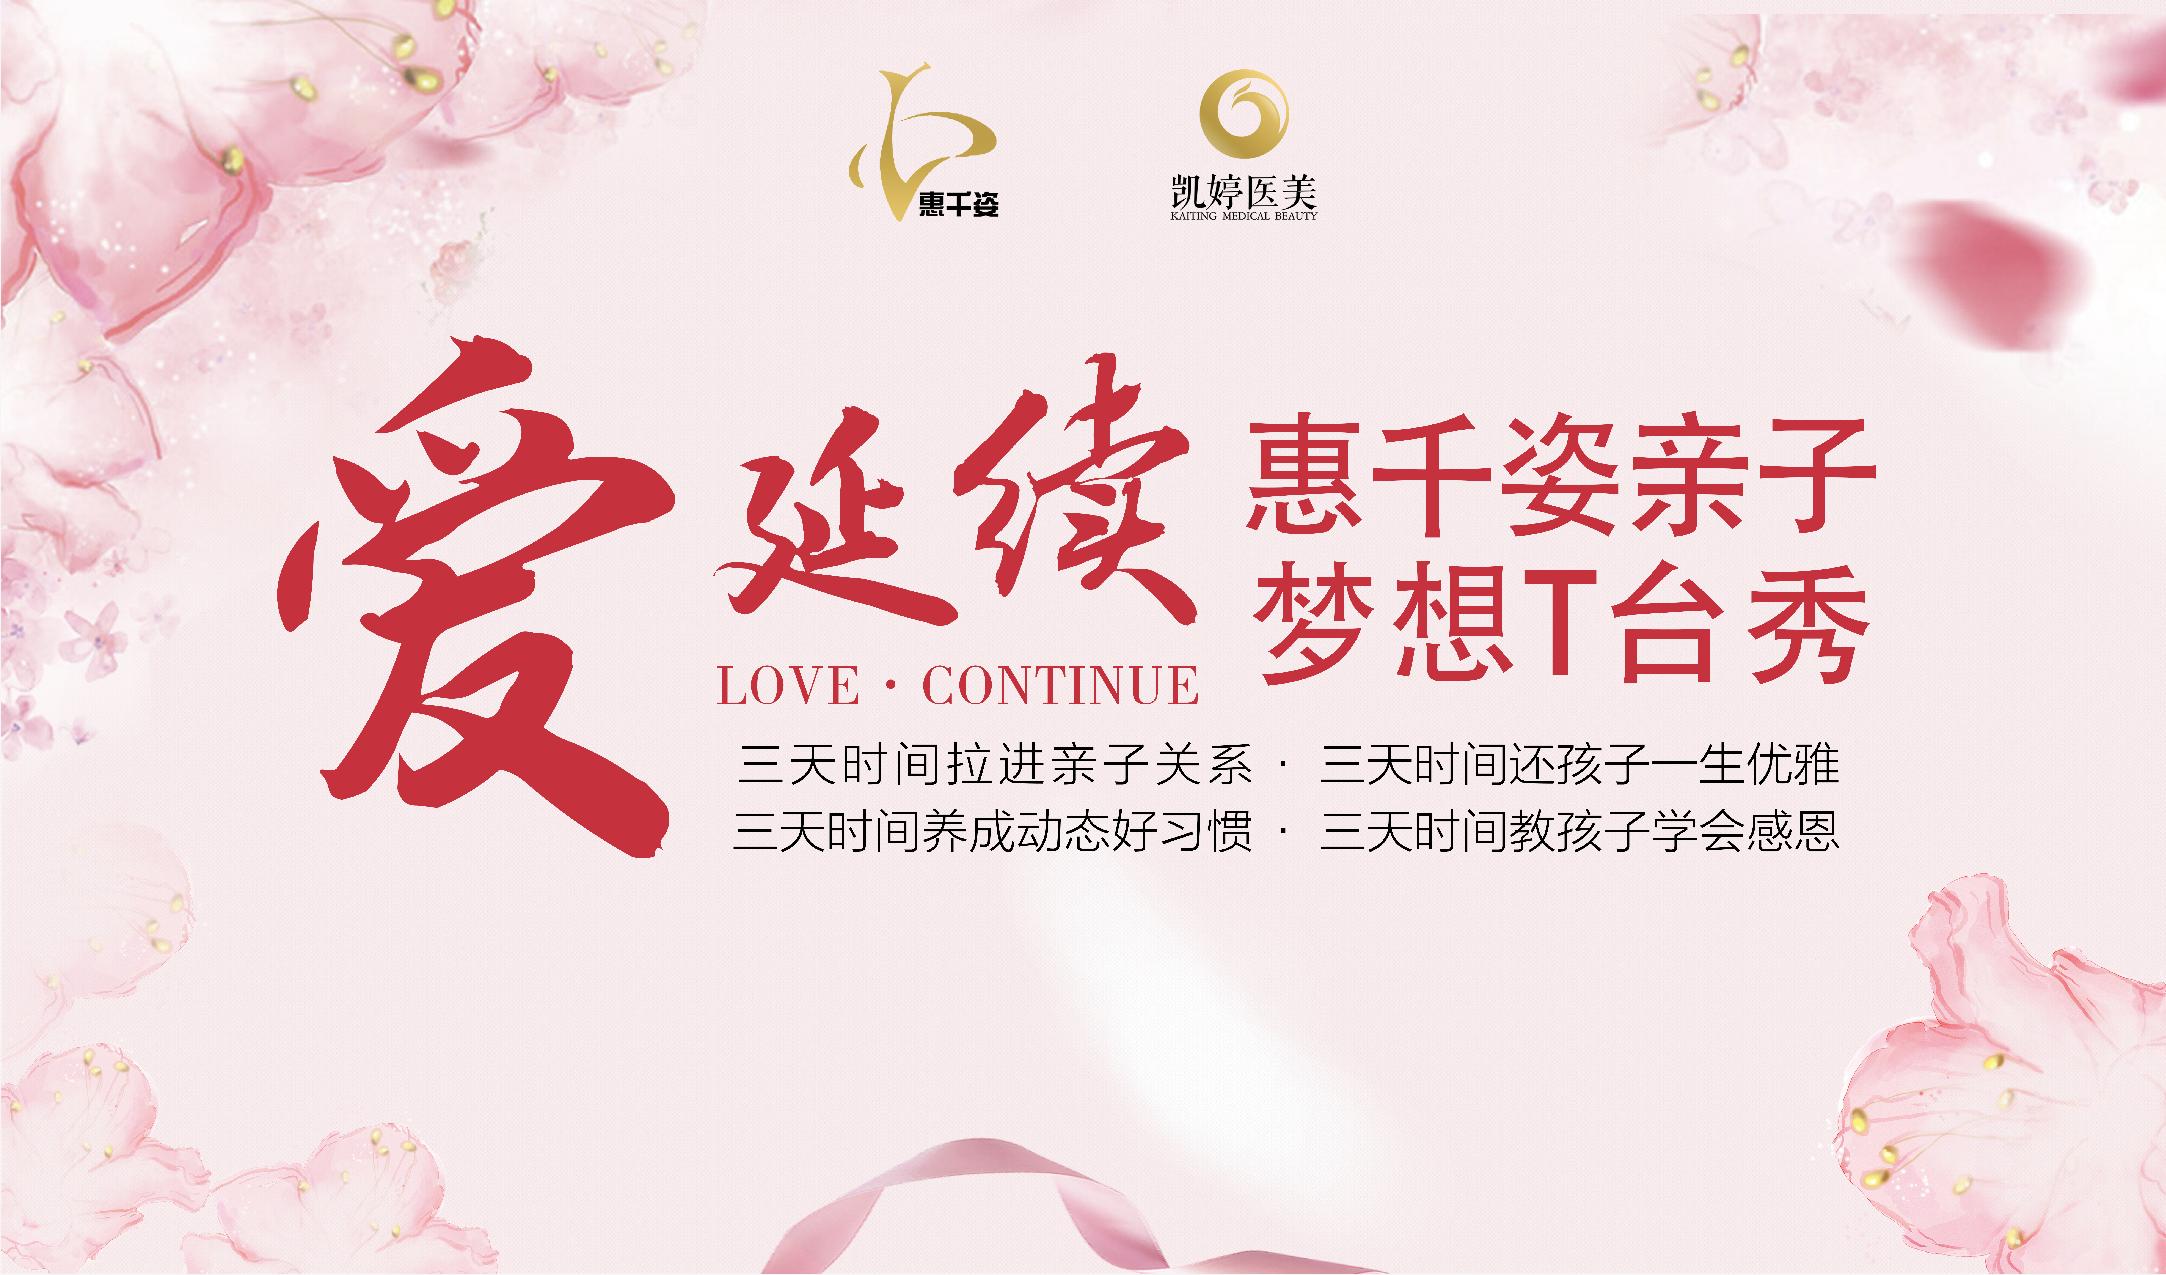 淮北广电直播 | 惠千姿--爱·延续之亲子梦想T台秀